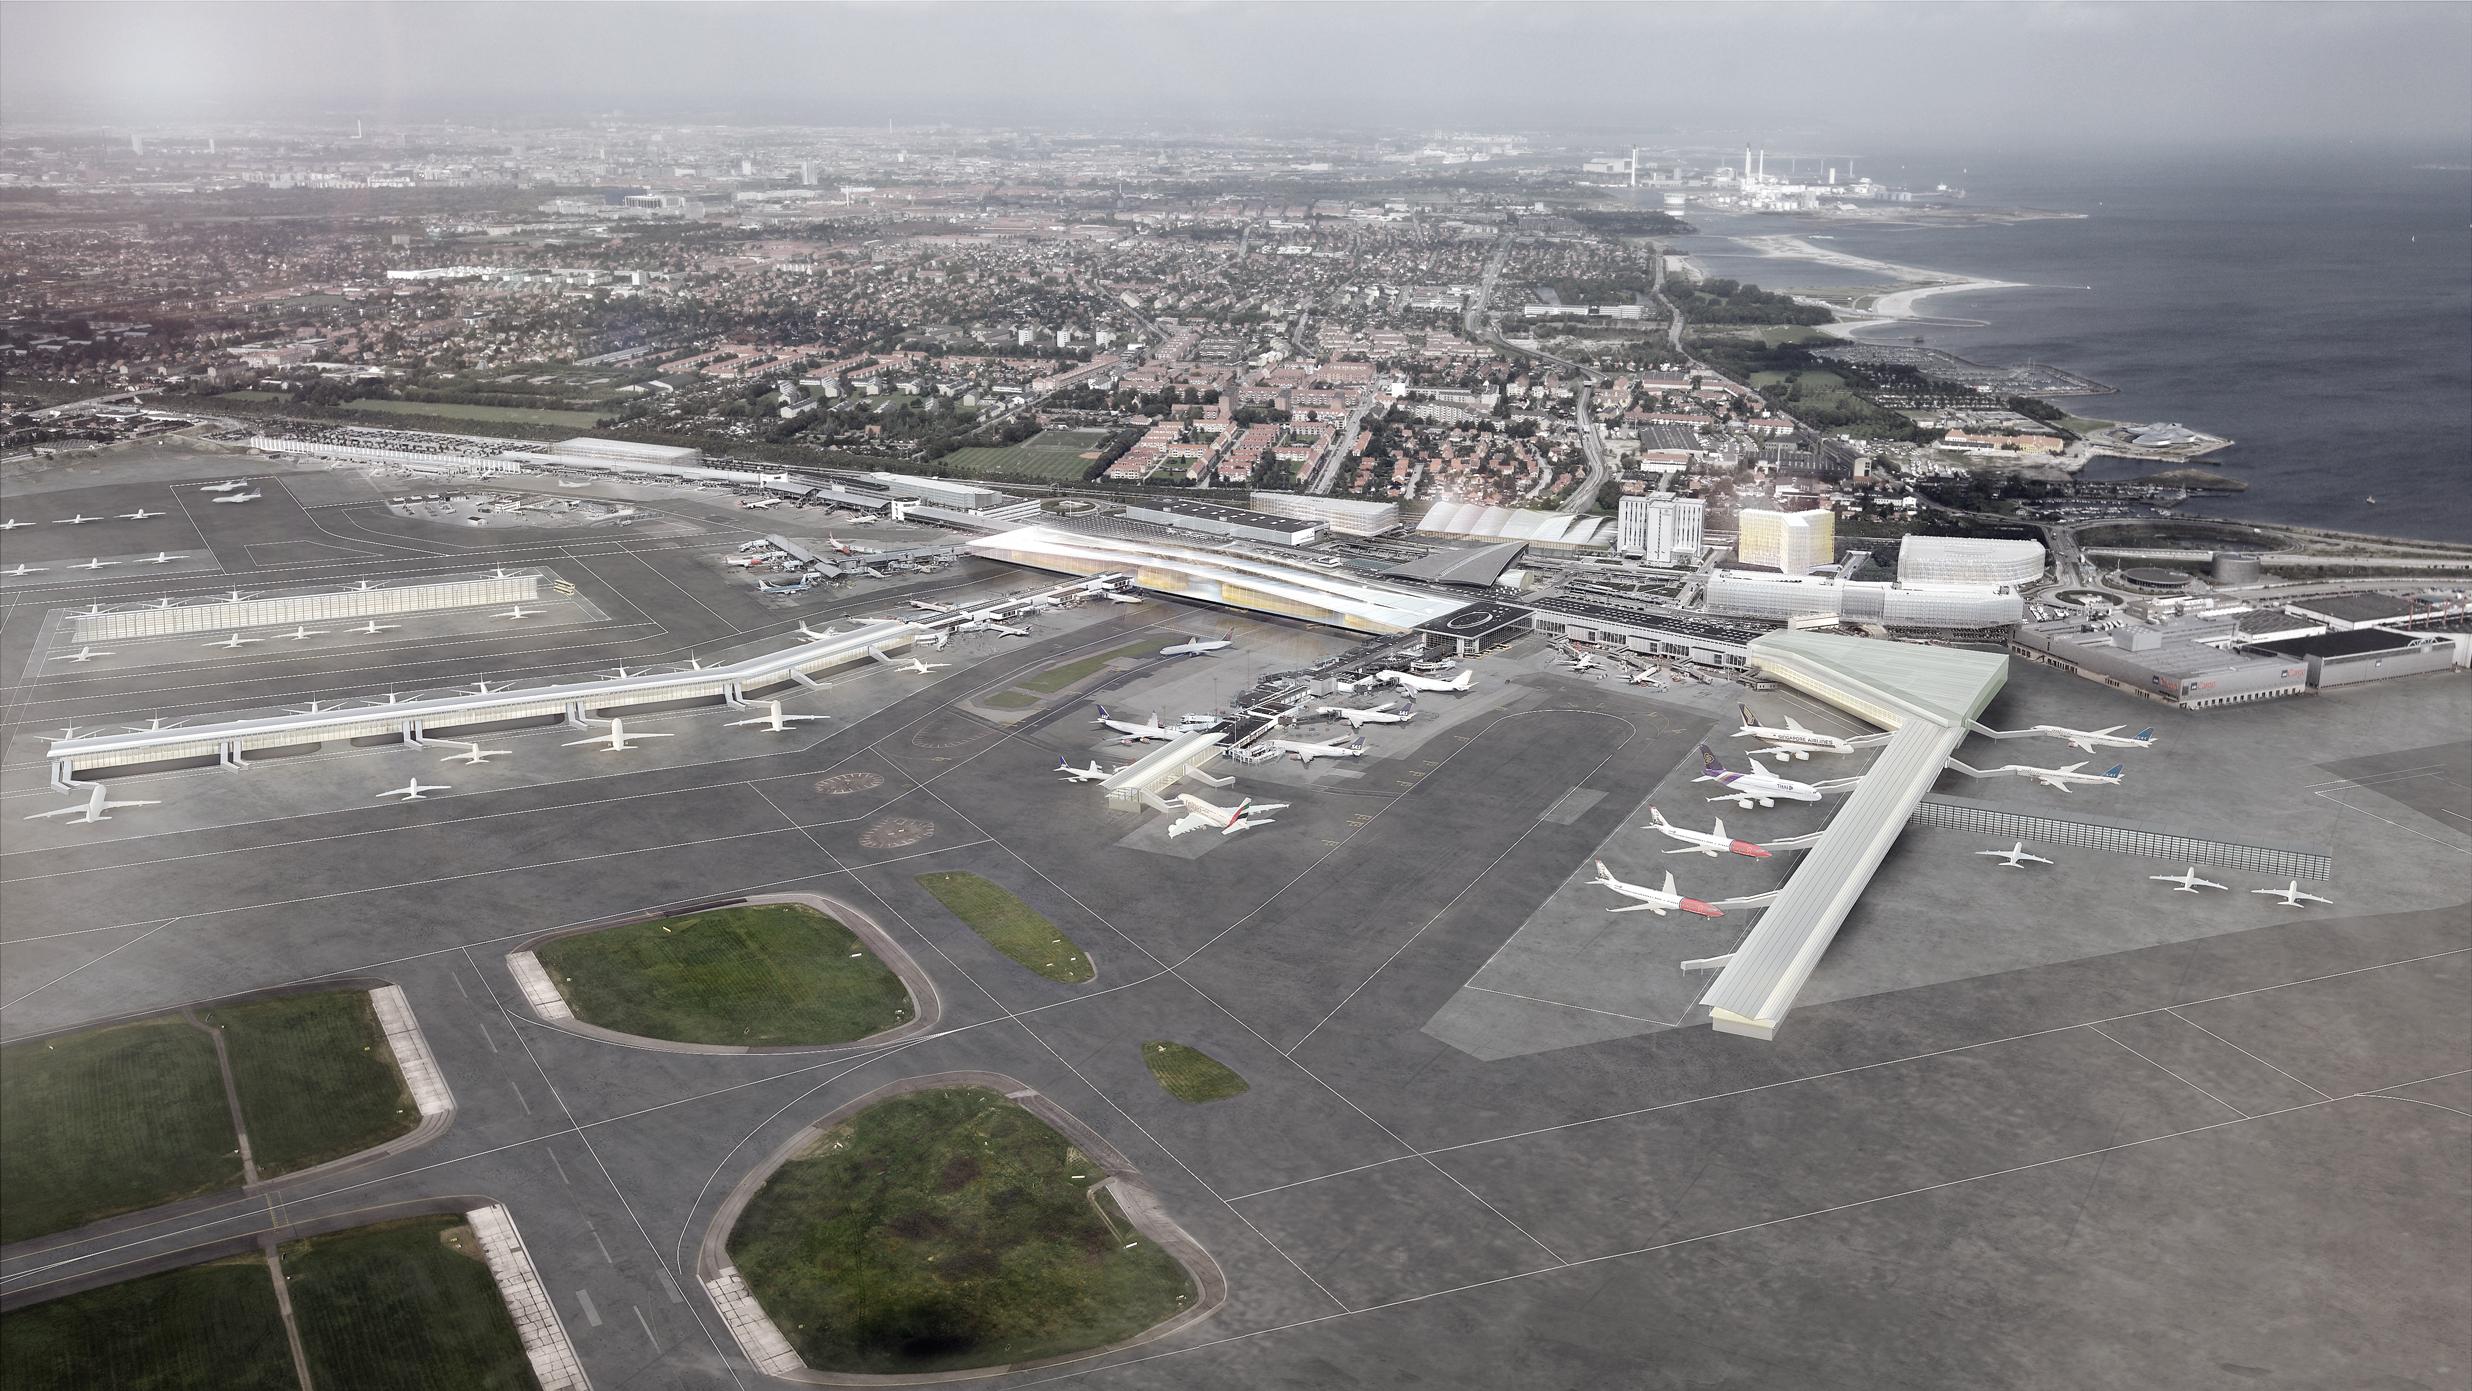 Det er forlængelsen af Finger B og en ny satellitterminal til venstre på tegningen, som kræver en lukning af tværbanen. Illustration: Københavns Lufthavn.